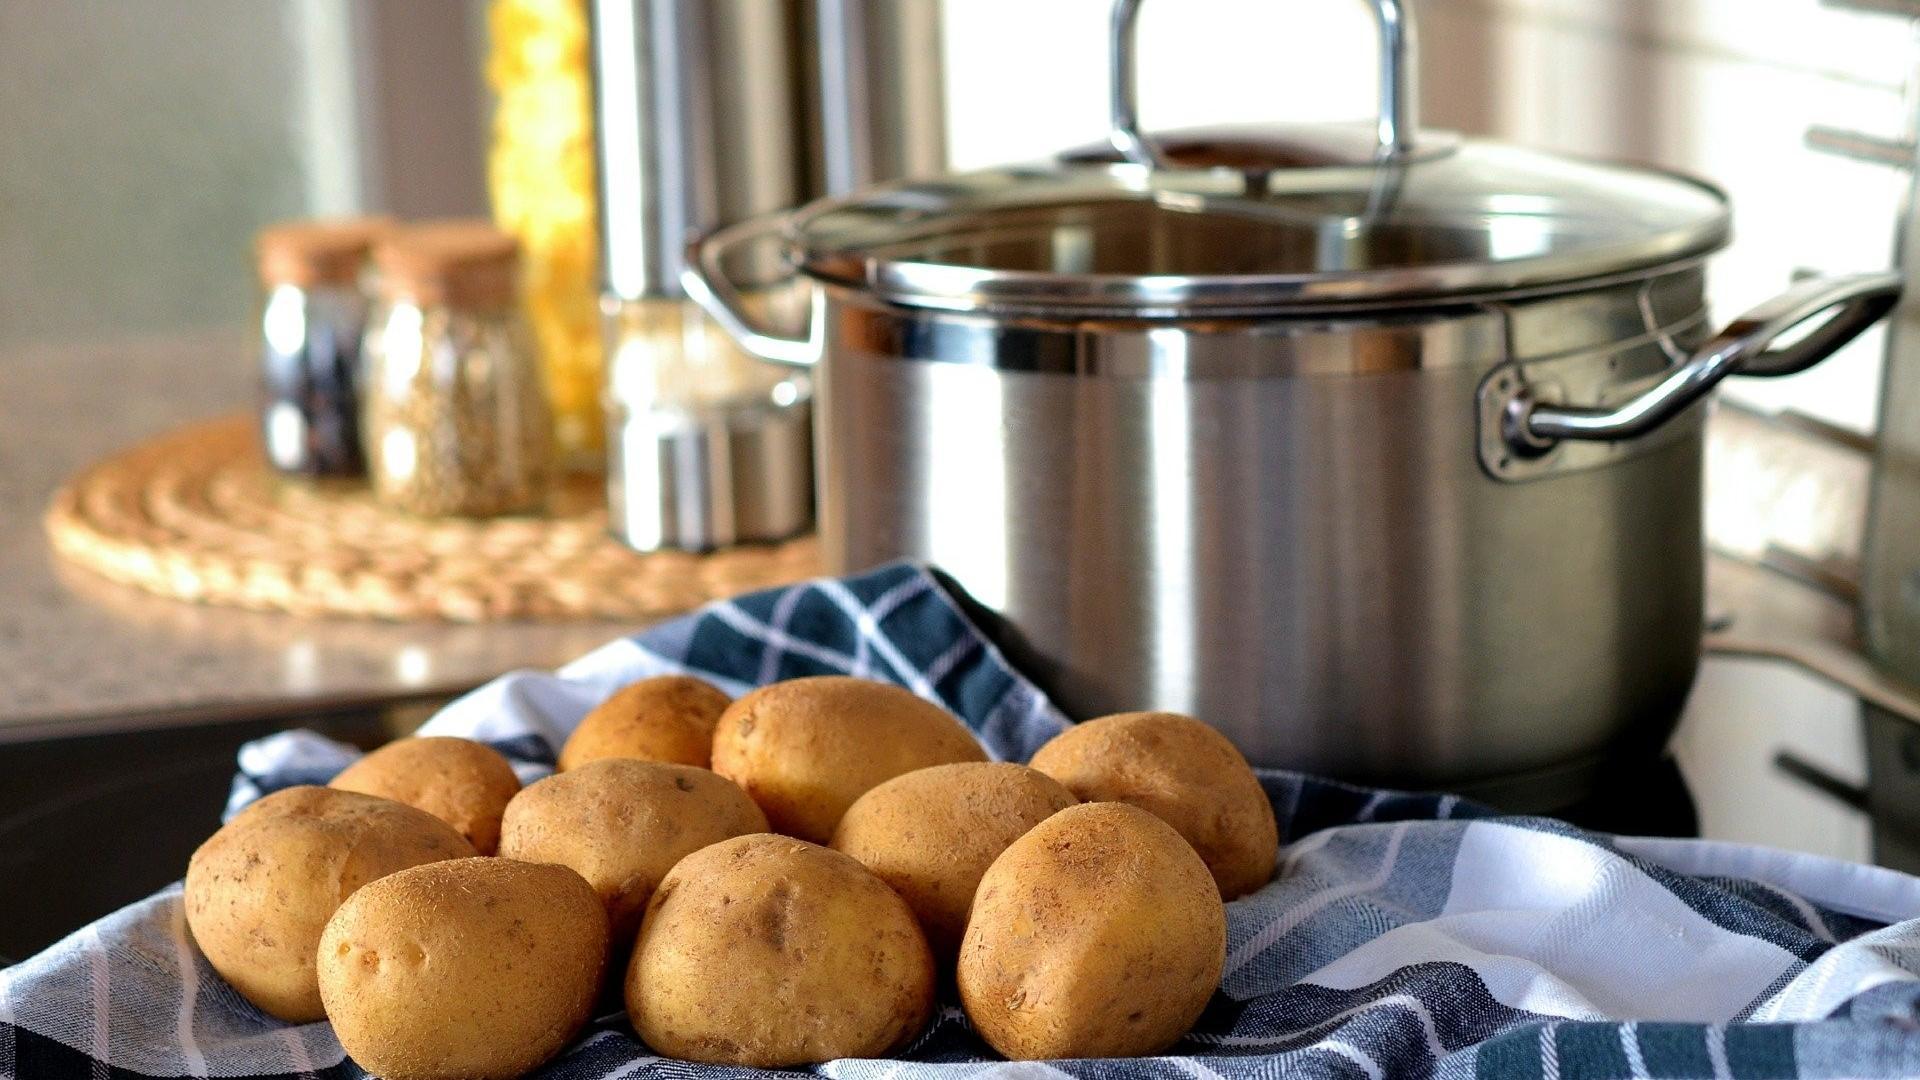 Möhren untereinander - was das ist? Möhren-Kartoffel-Stampf